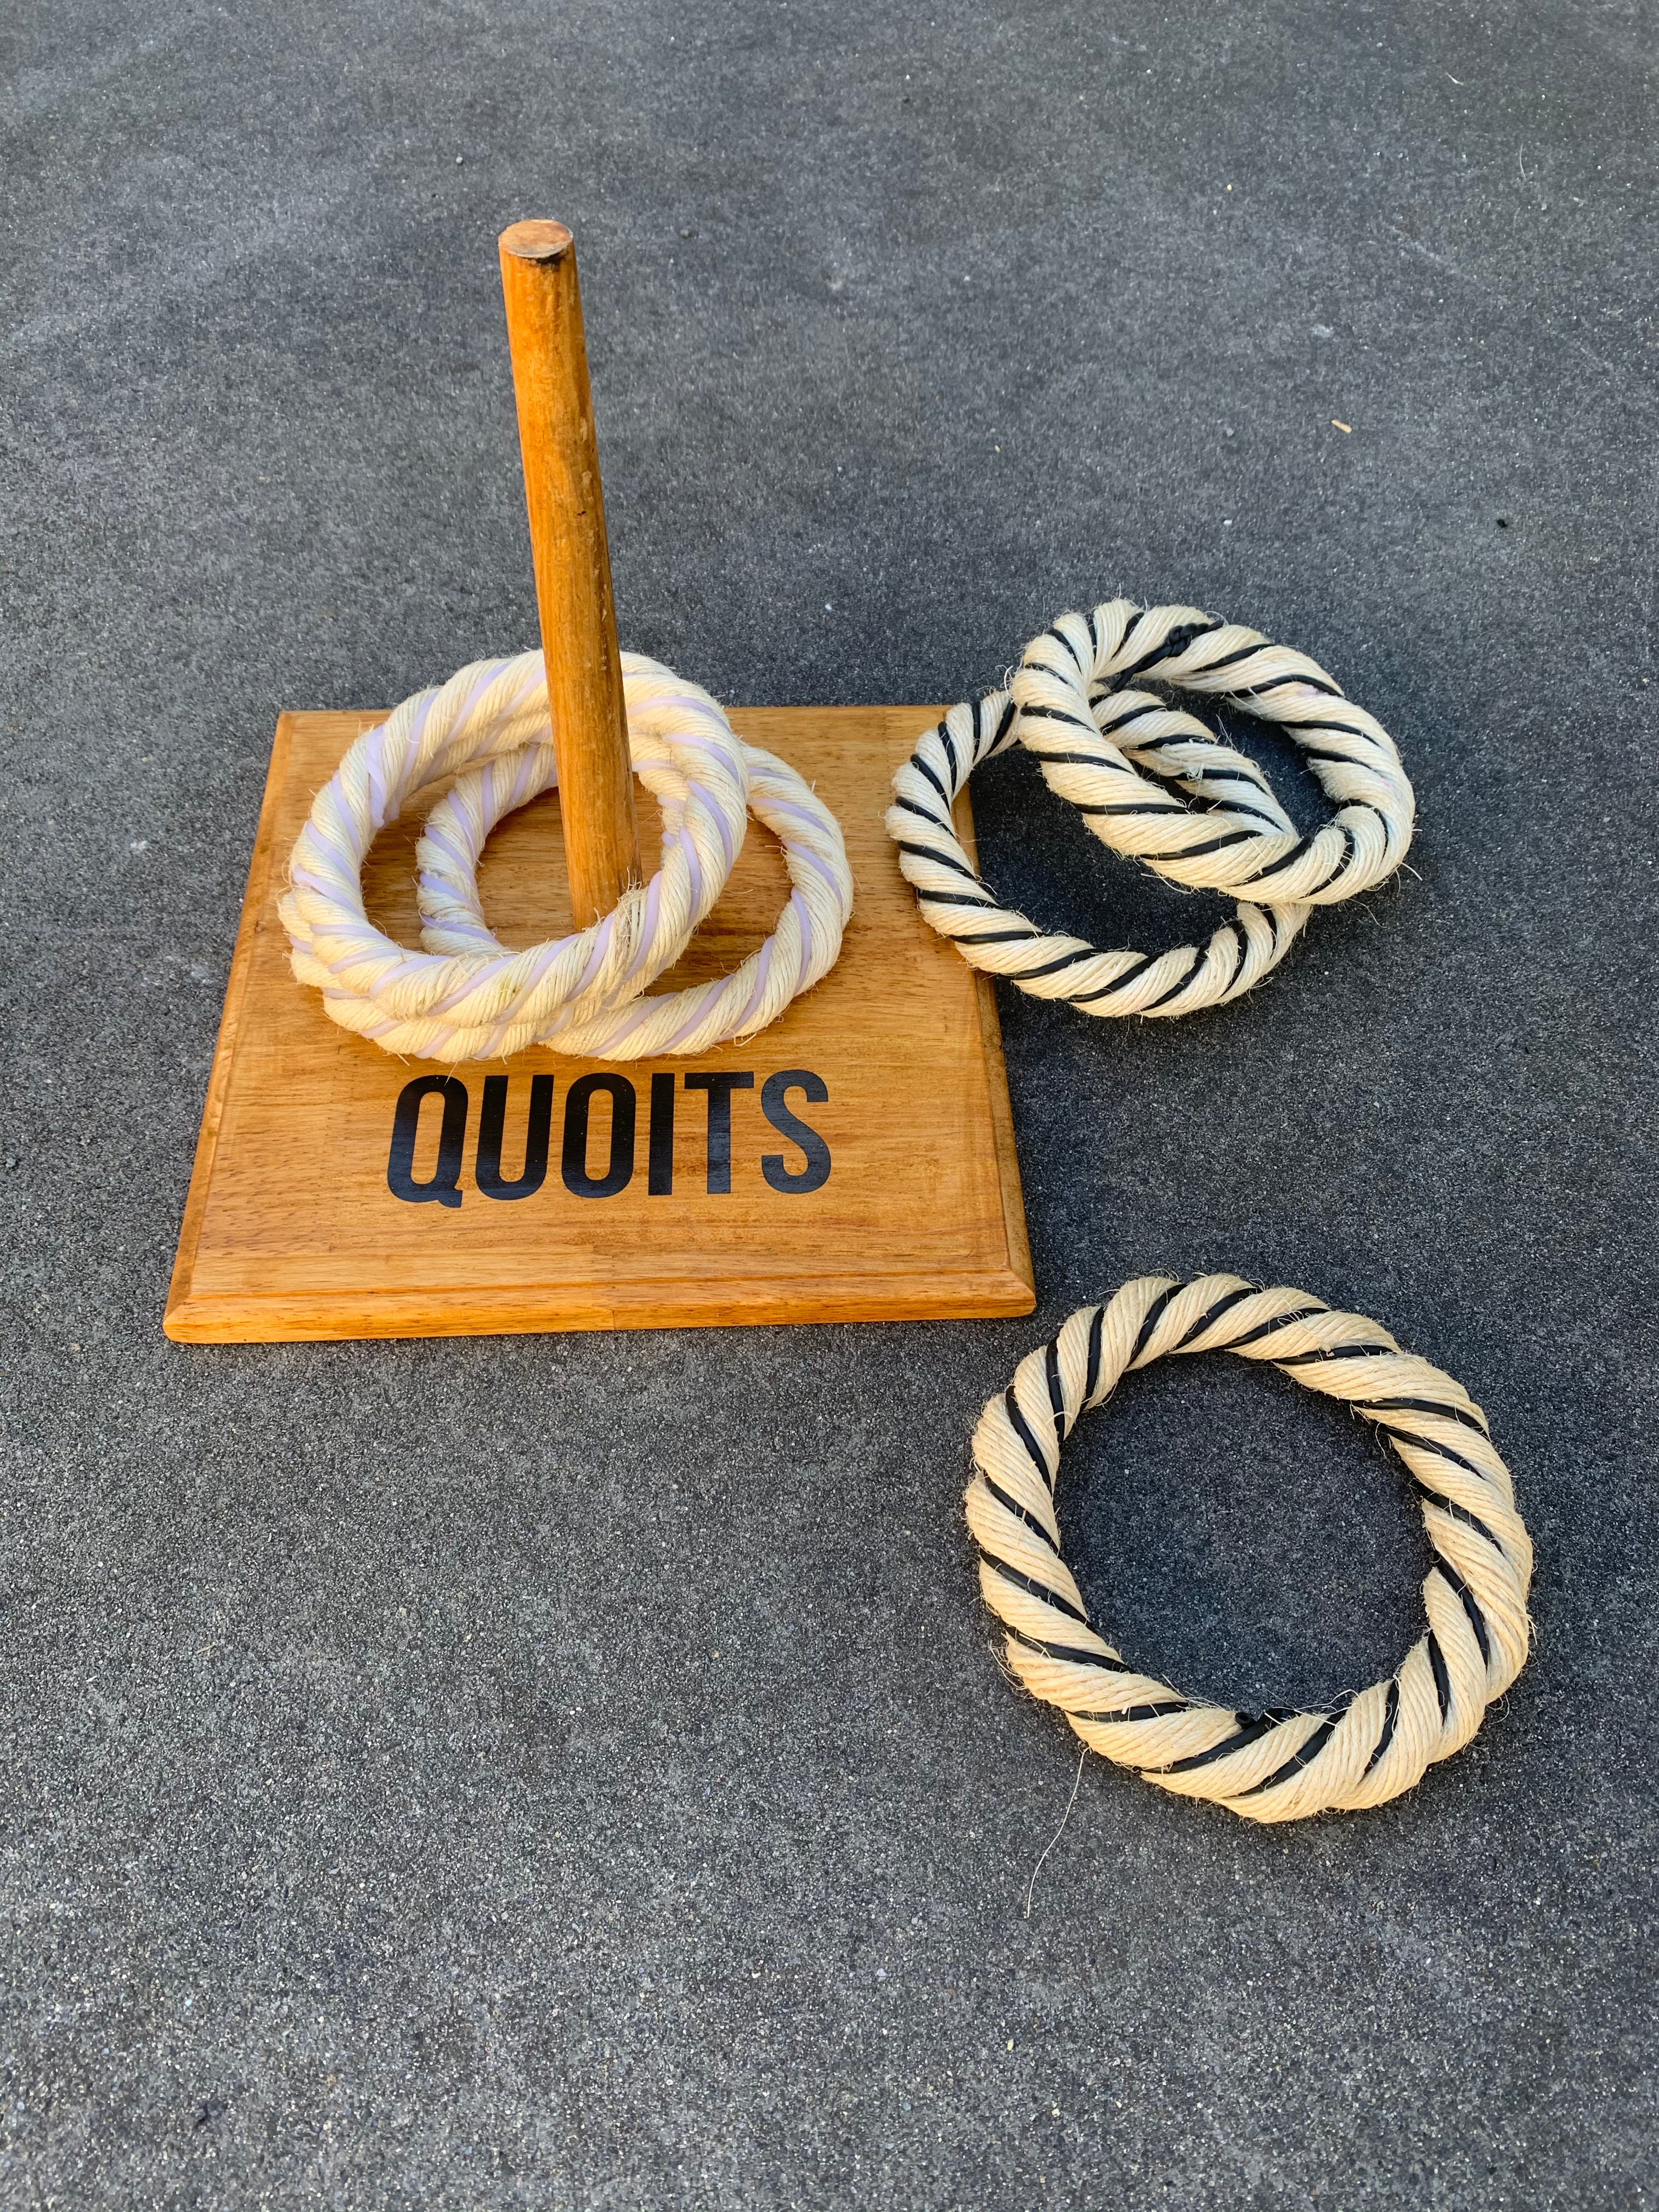 Quiots